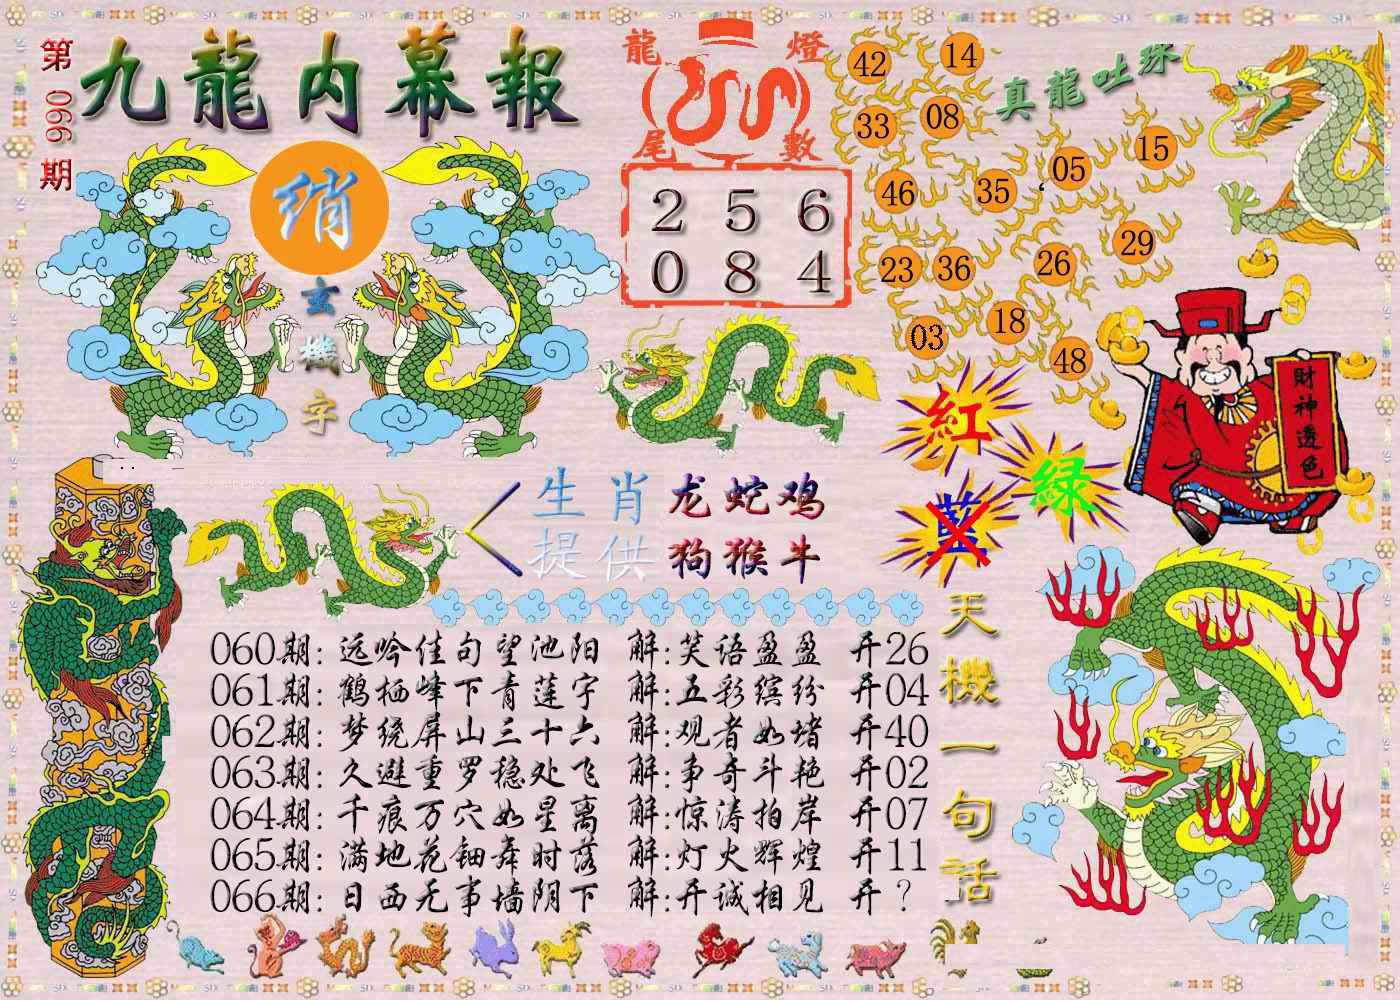 066期九龙内幕报